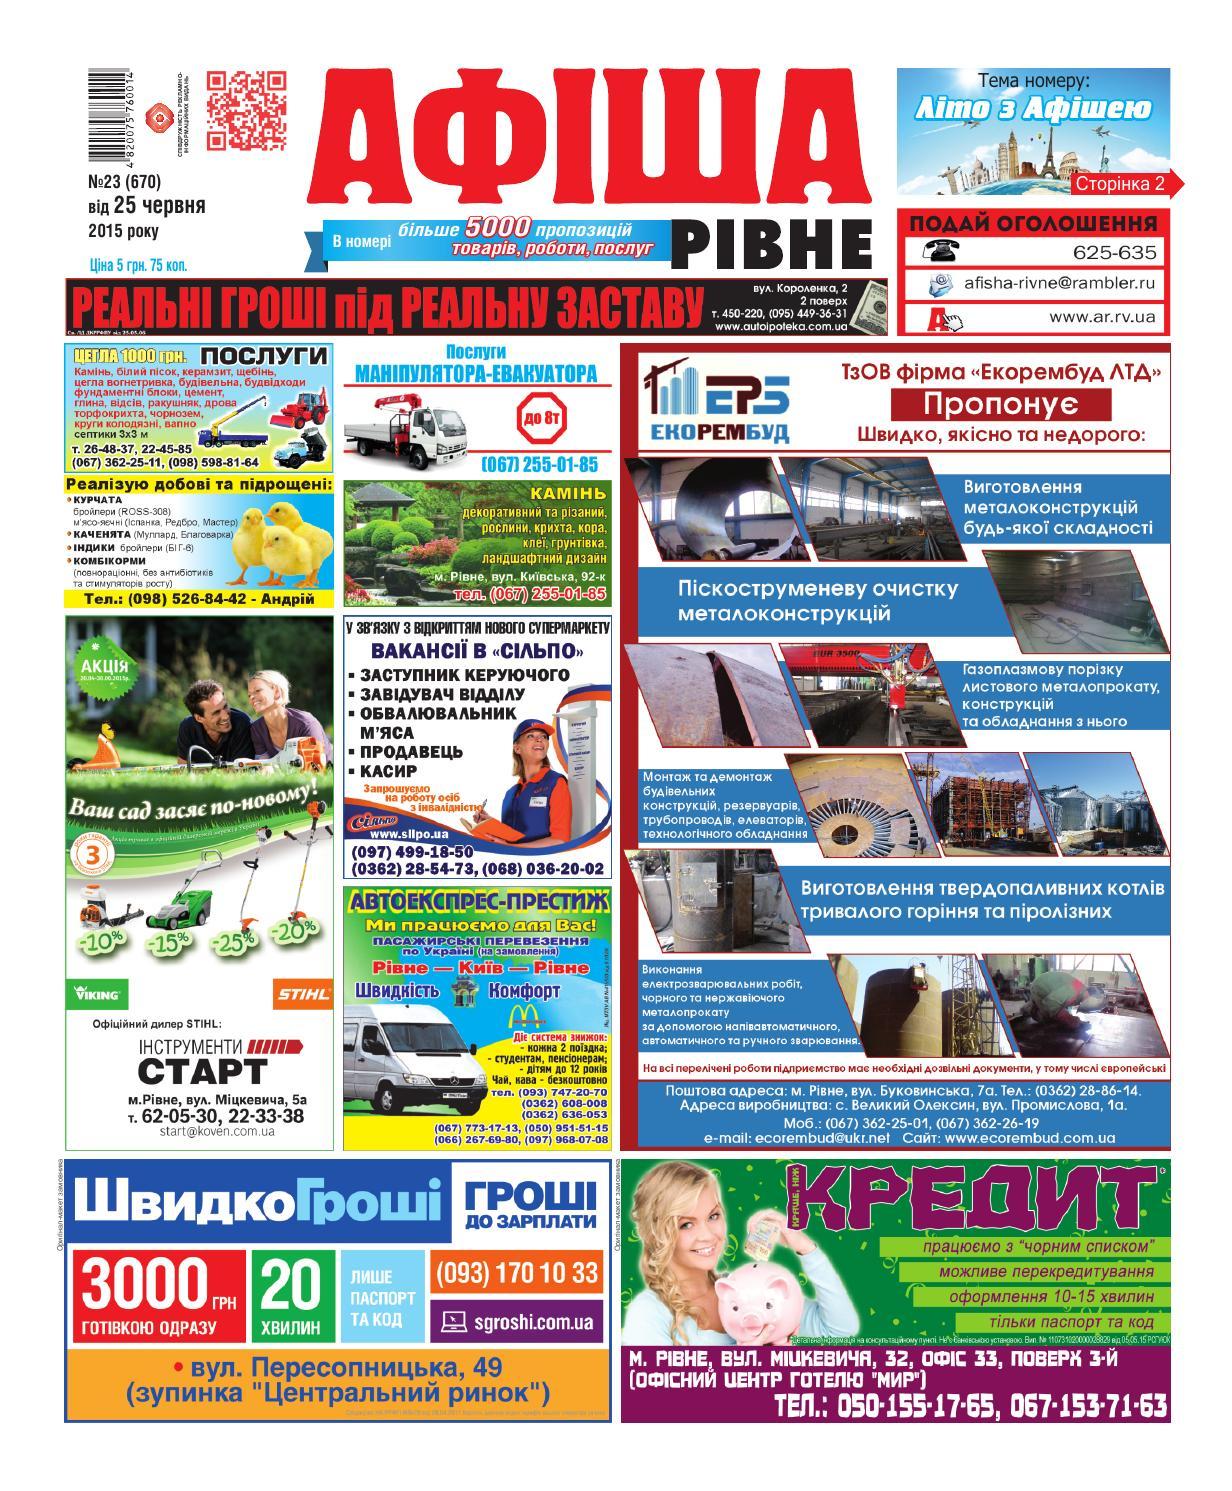 Ar23 (670) 25 06 15 by afisha rivne afisha rivne - issuu 98c354bb790a5